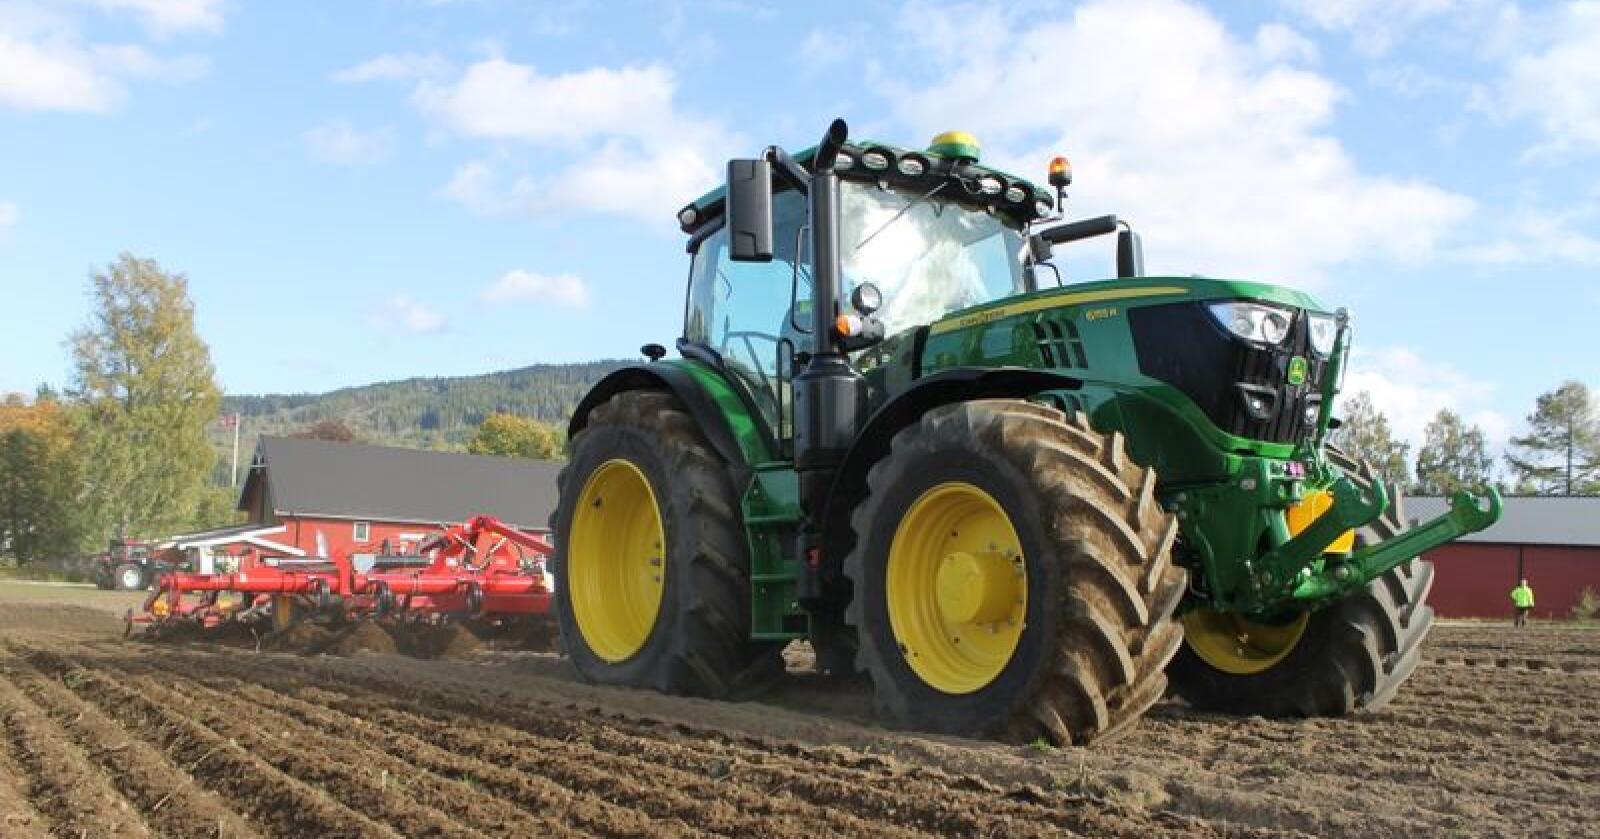 Markedsleder: John Deere registrerte 863 traktorer i Norge i 2018, og ble dermed det største merket. Foto: Marit Glærum